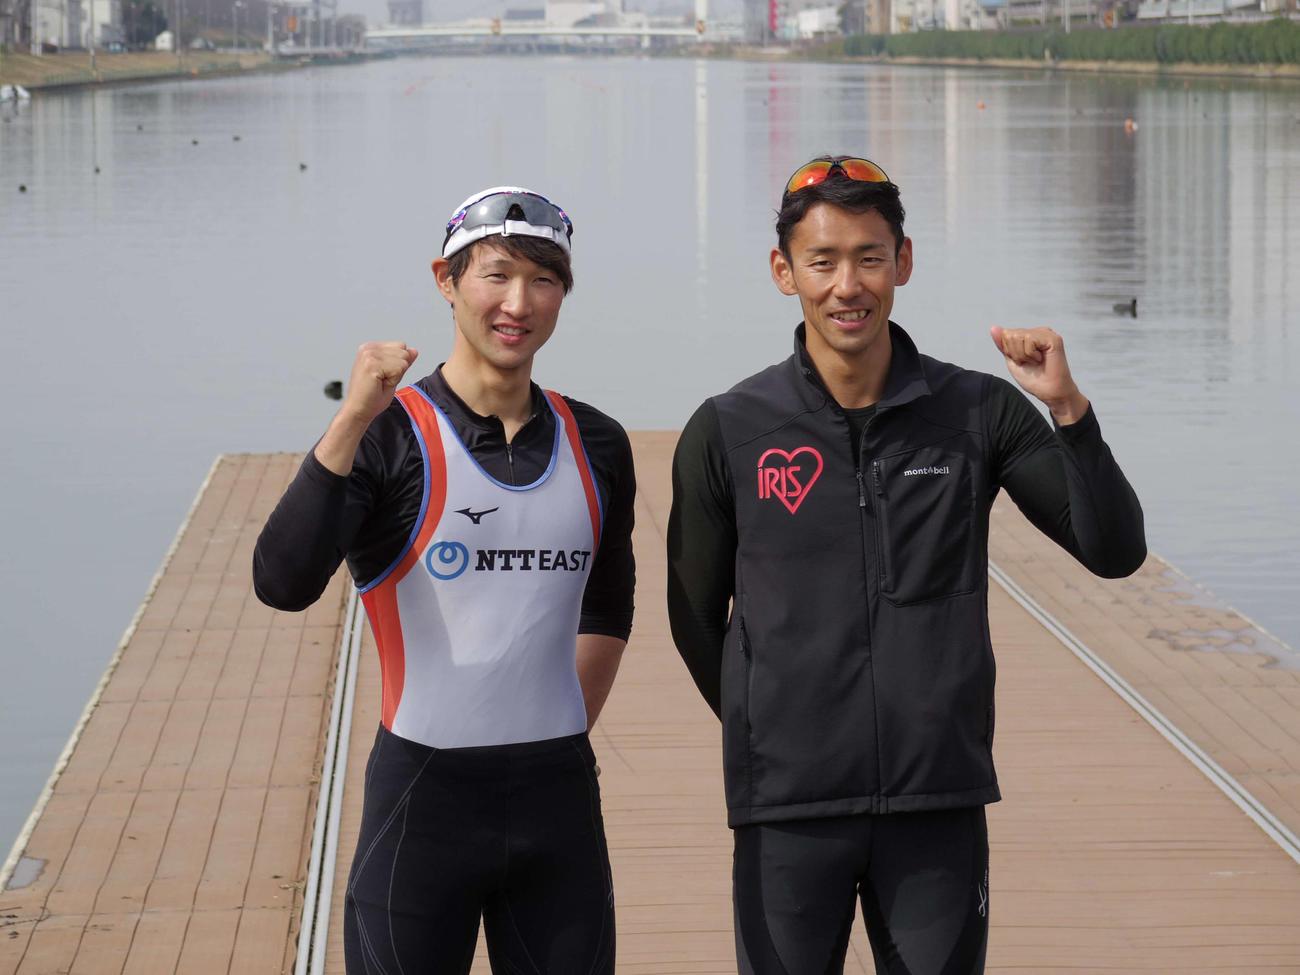 ボートの東京五輪アジア・オセアニア大陸予選男子ダブルスカル代表に決まった西村(右)と古田のペア(撮影・奥岡幹浩)